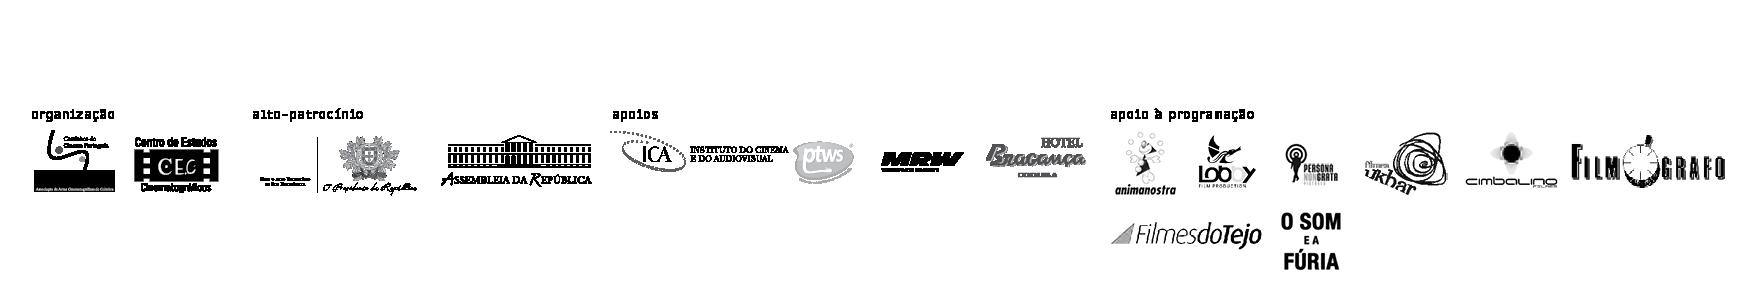 20anos-Barra-LOGOS-geral